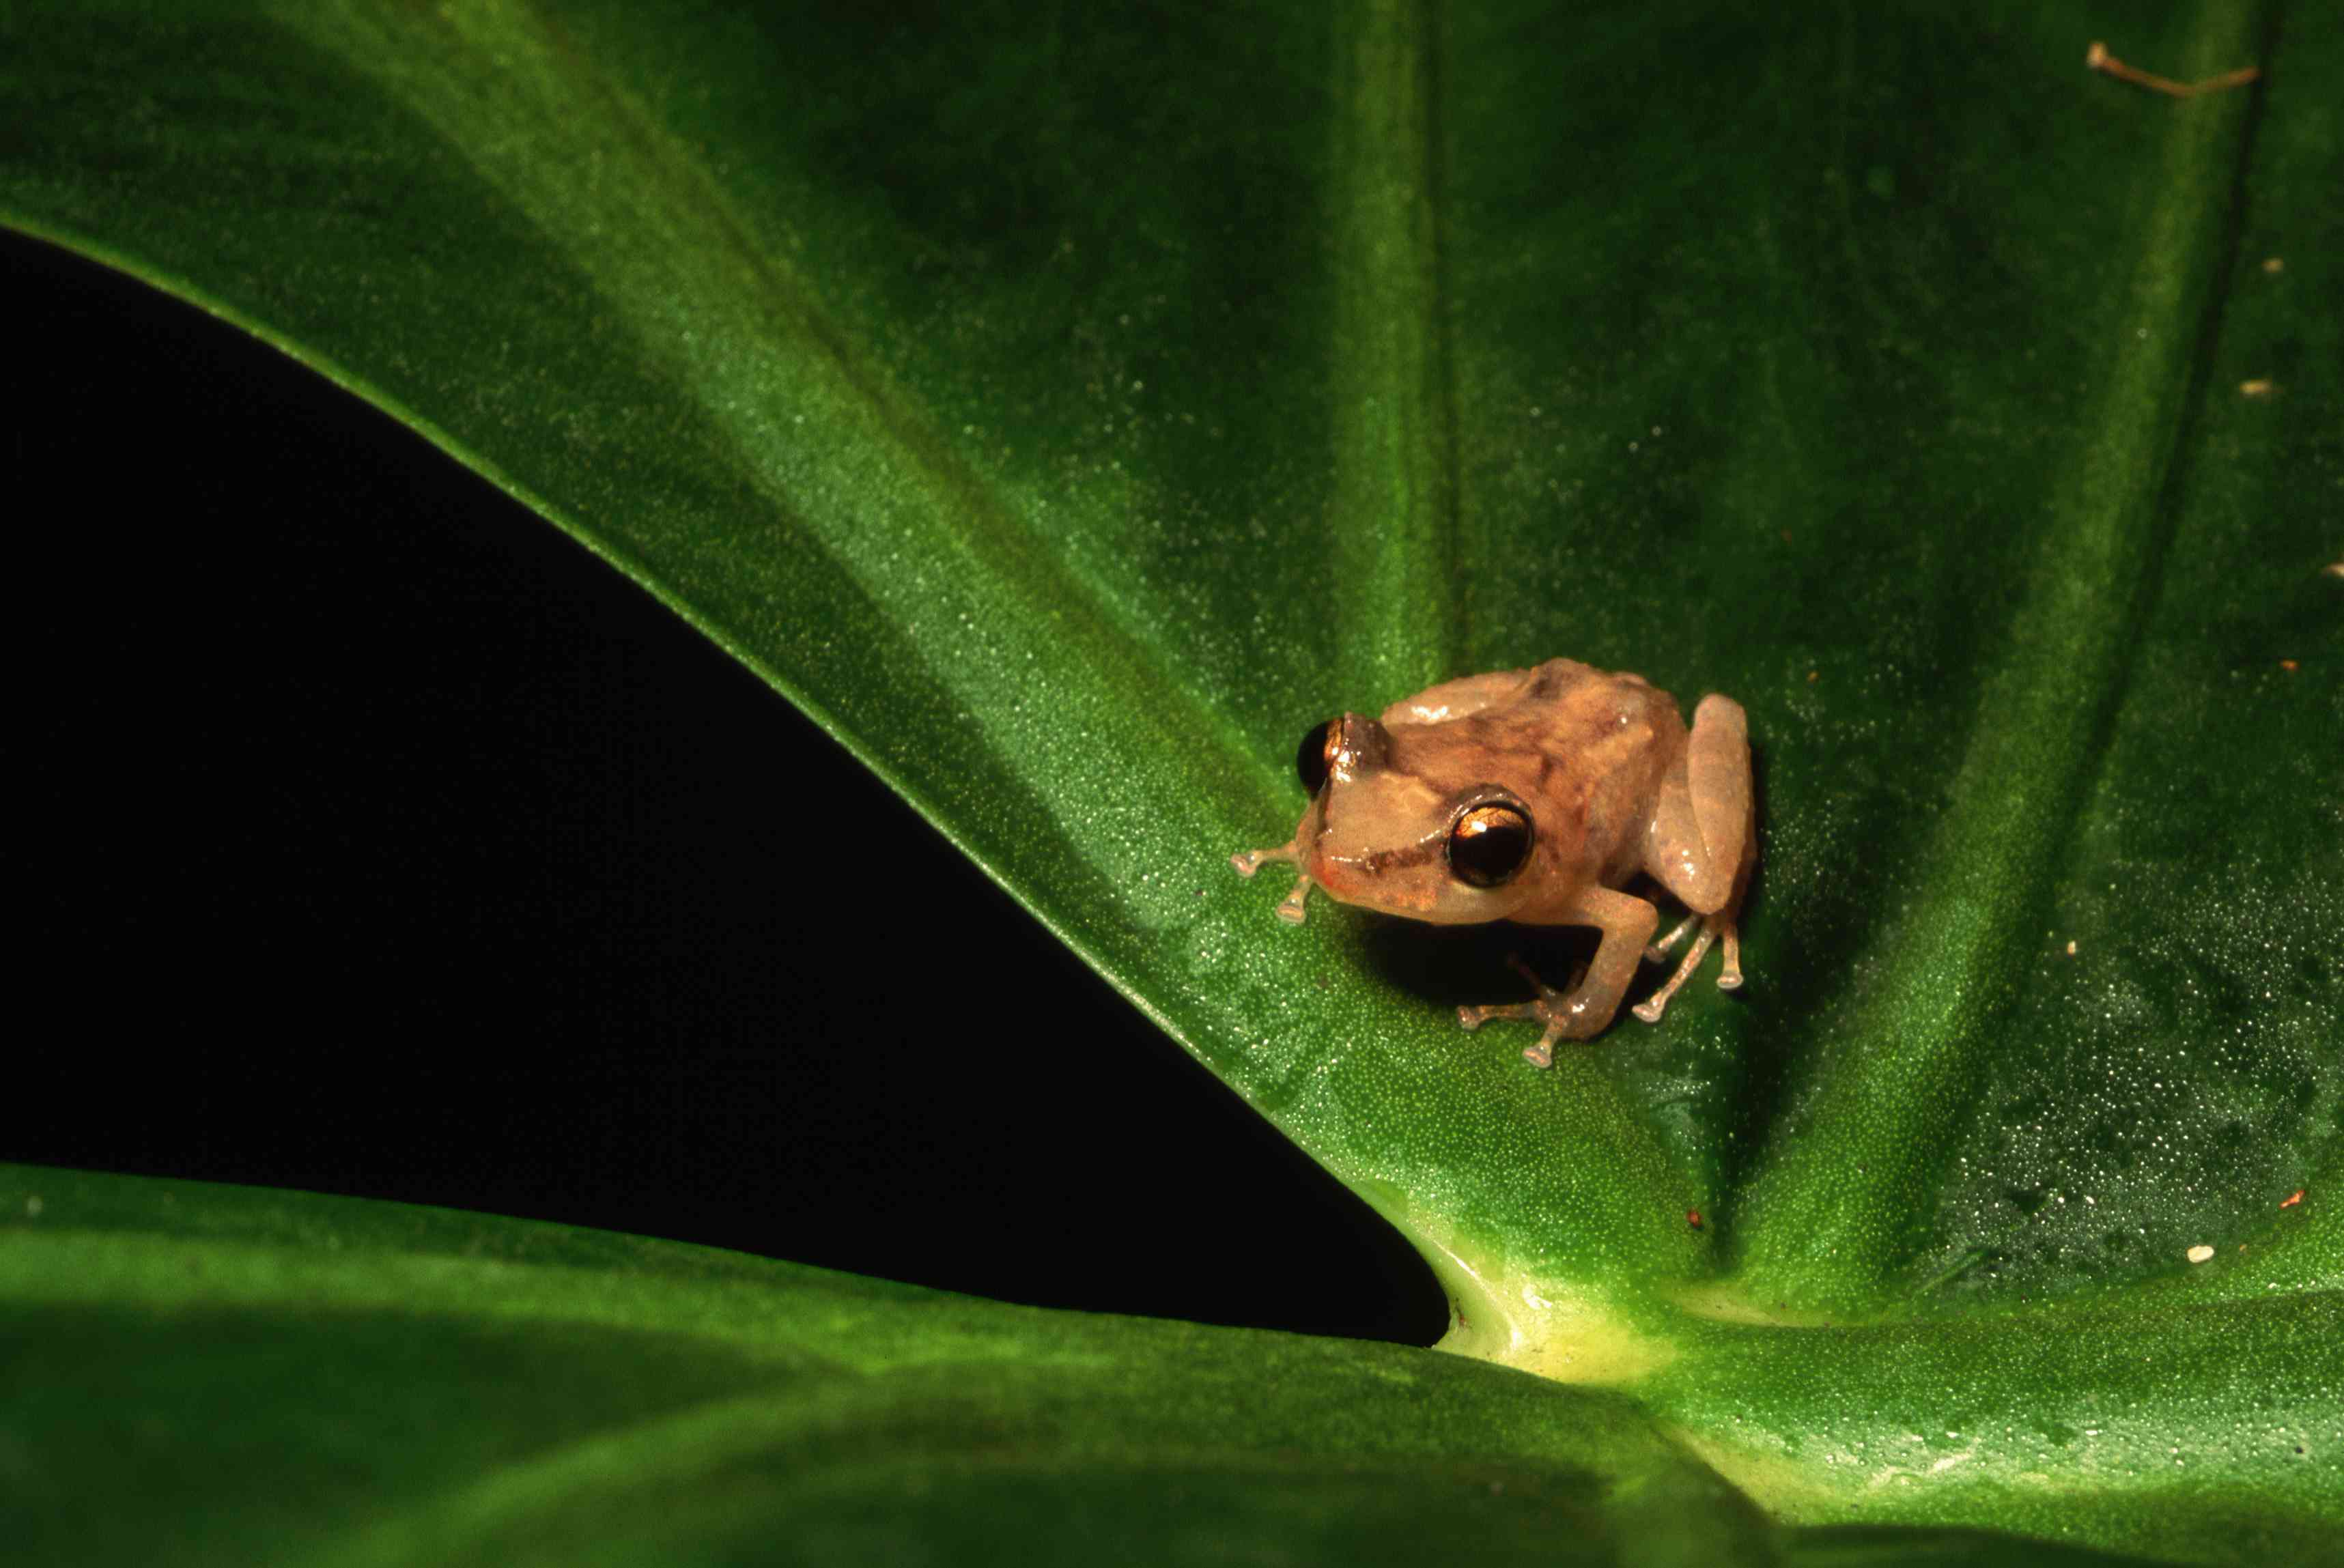 Eleutherodactylus Coqui Frog